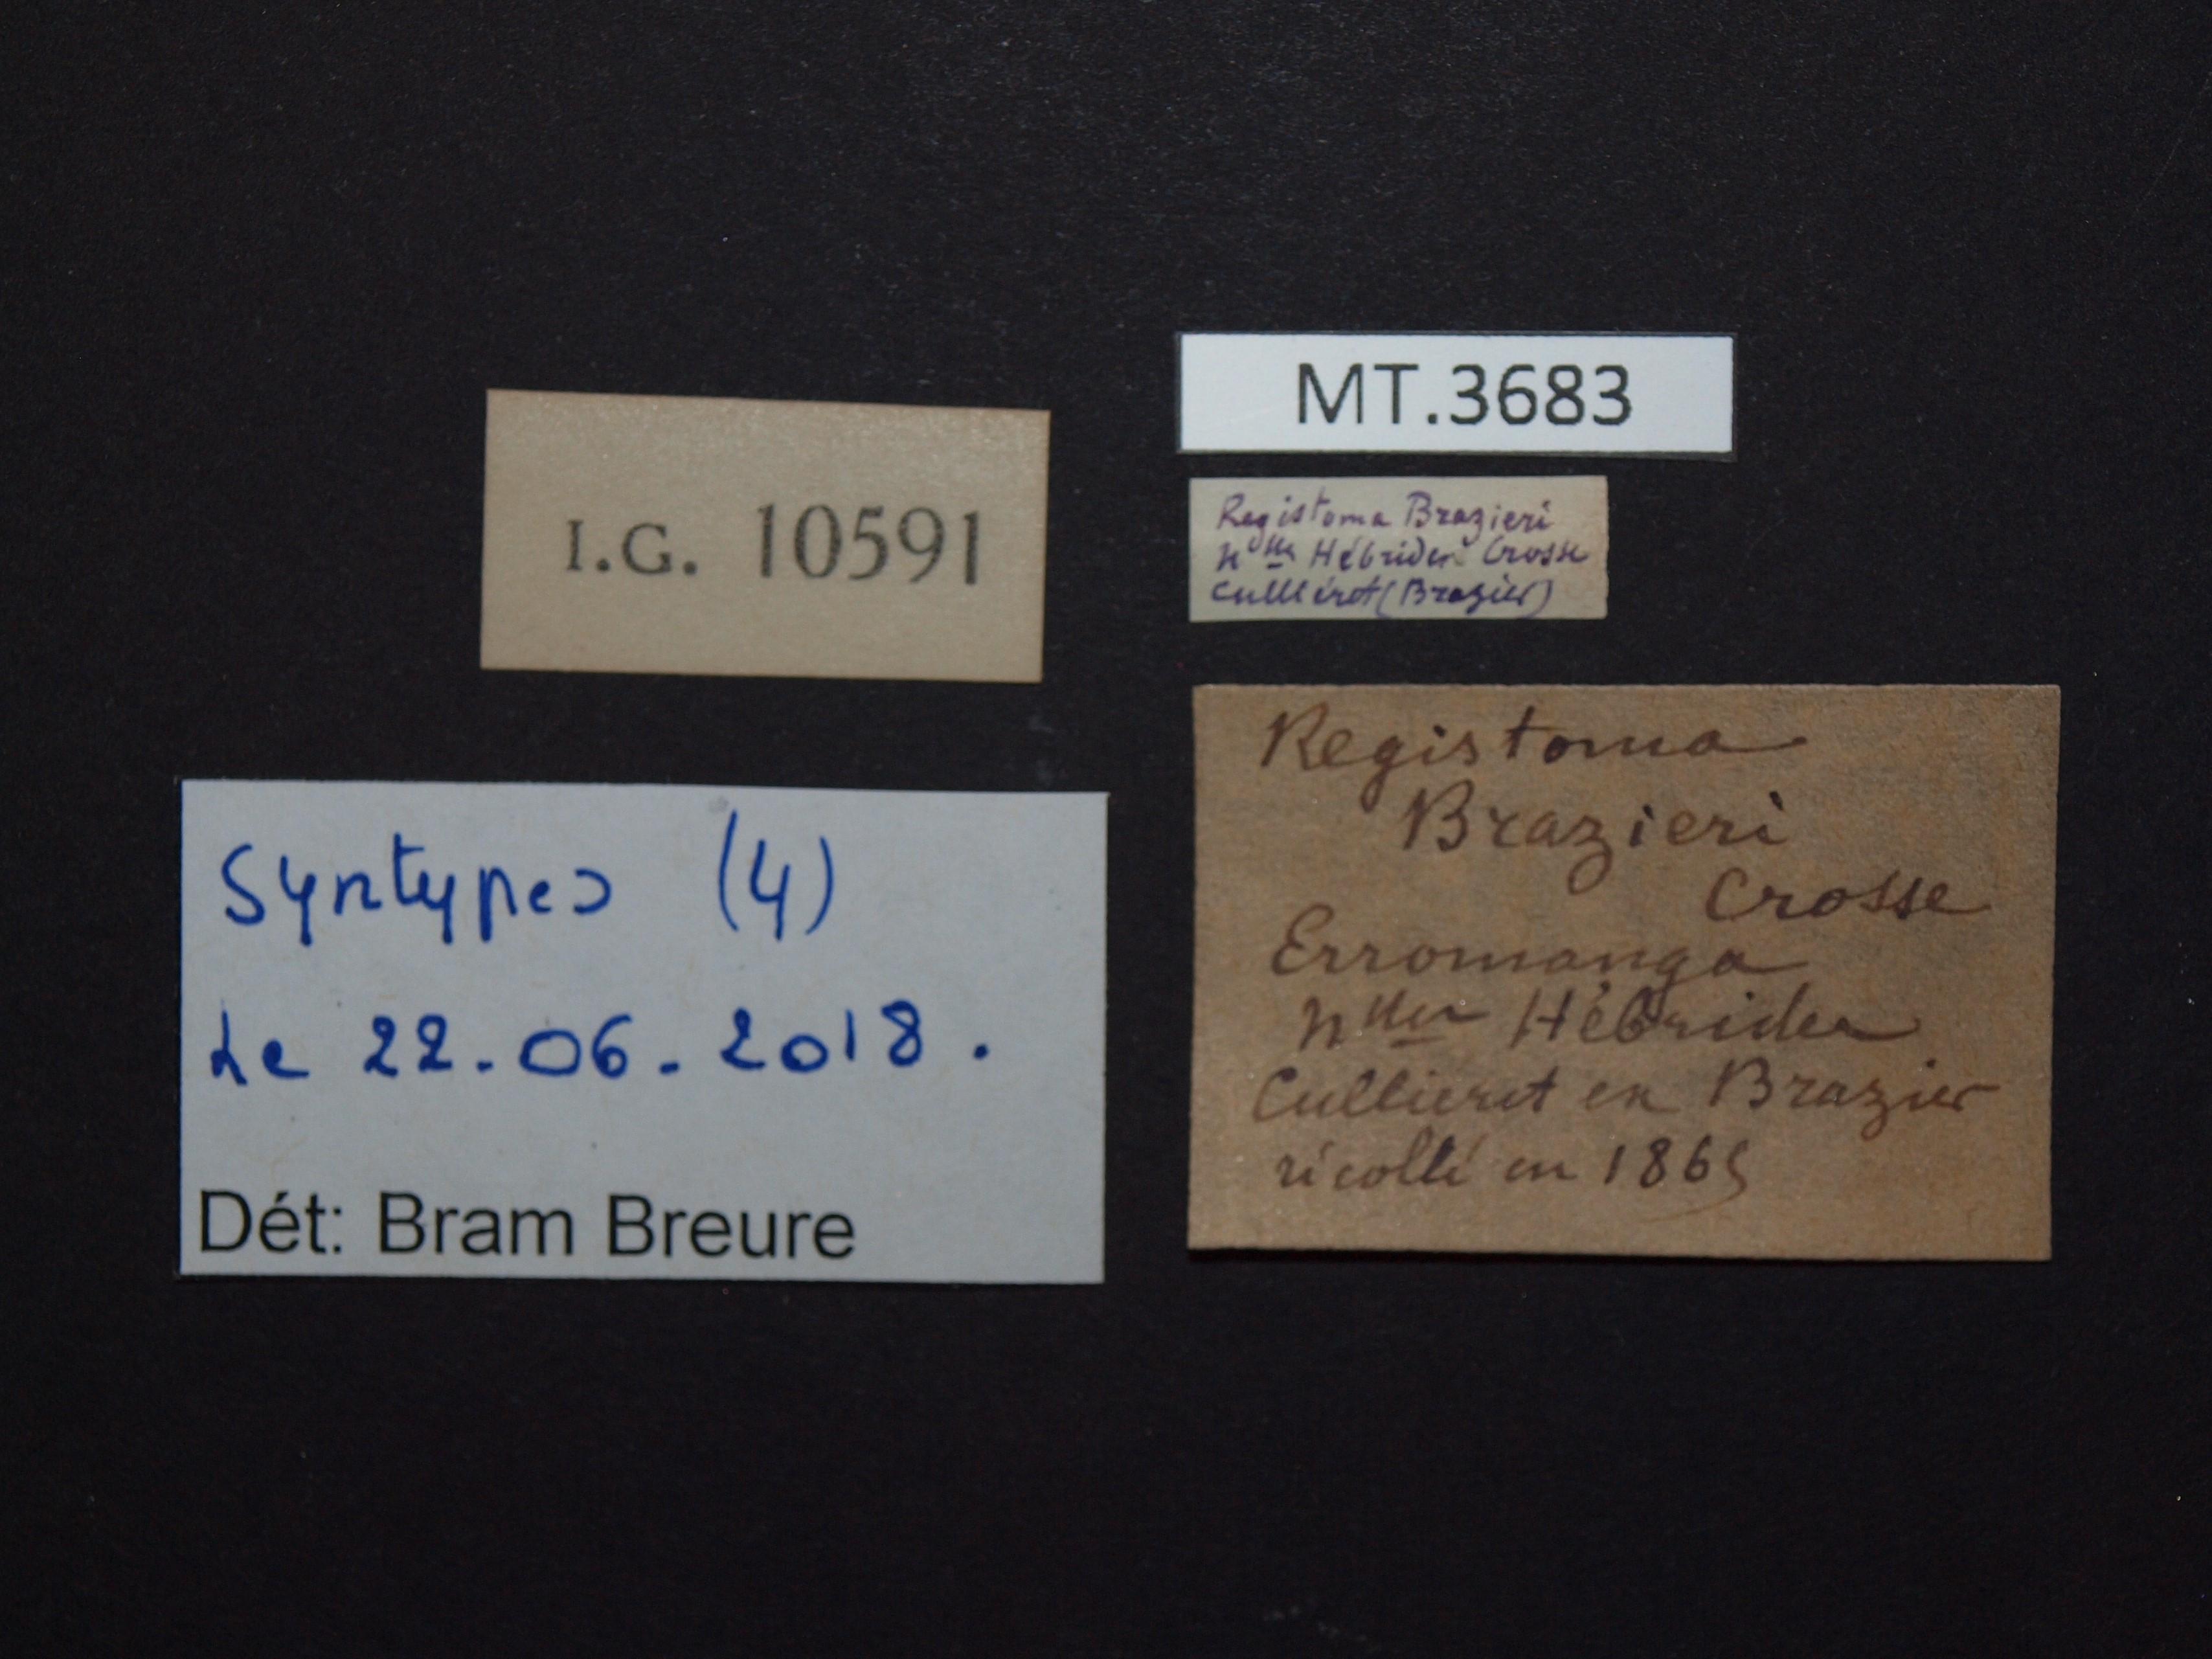 BE-RBINS-INV MT.3683 Registoma brazieri st Lb.jpg